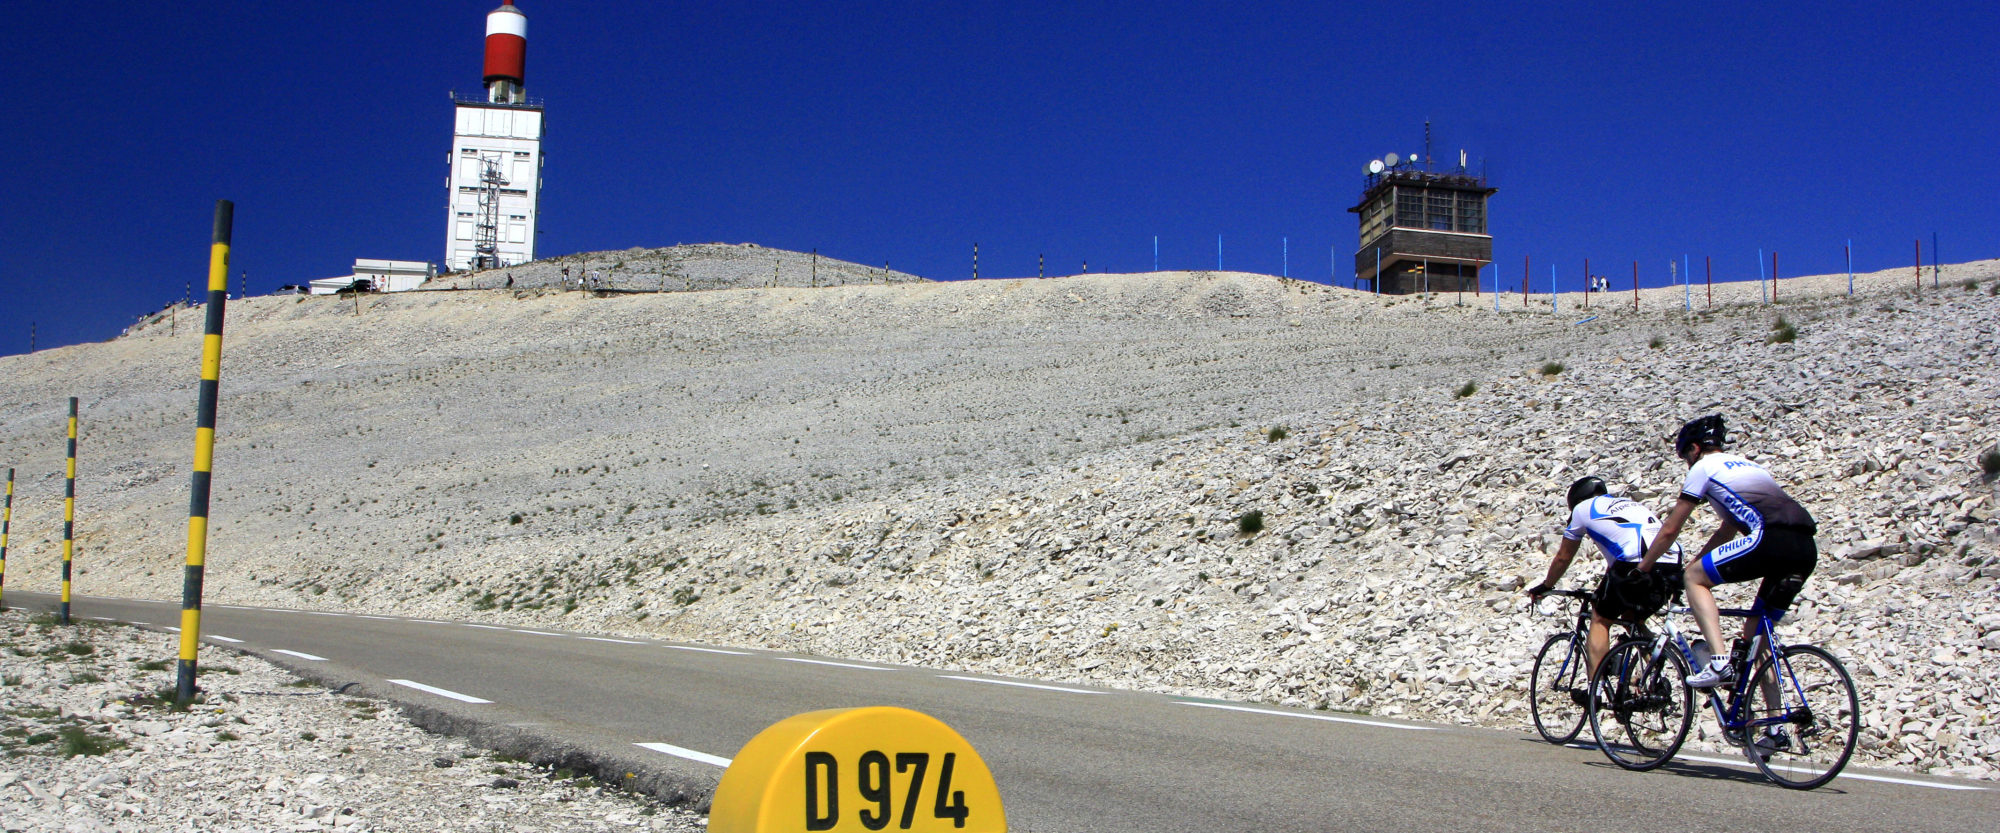 monter au Sommet du Mont Ventoux en vélo